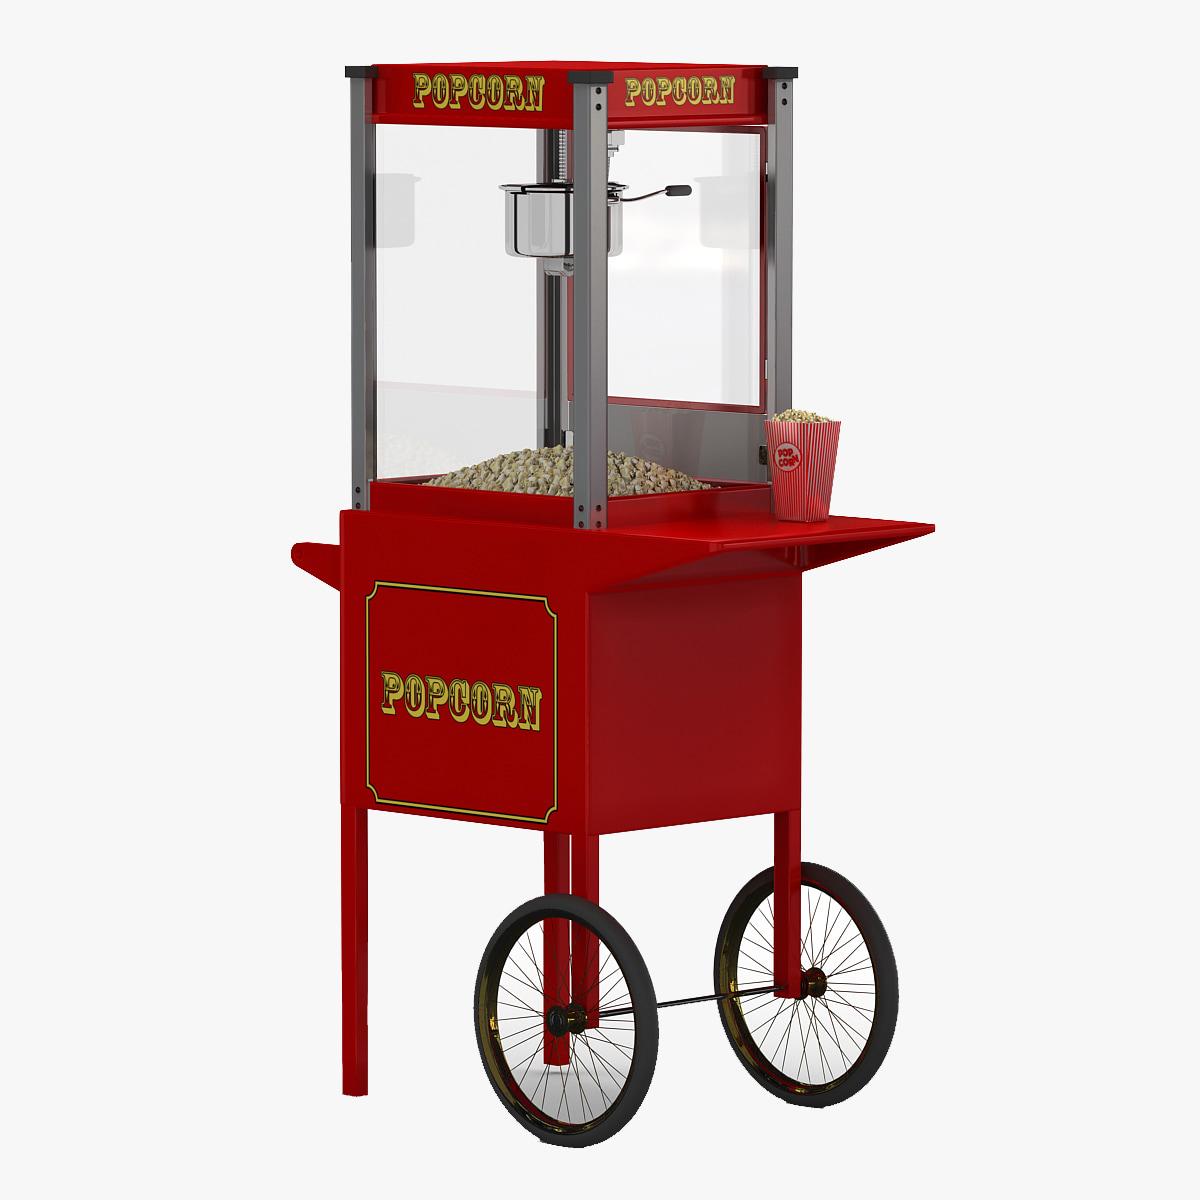 Popcorn_Machine_v2_000.jpg